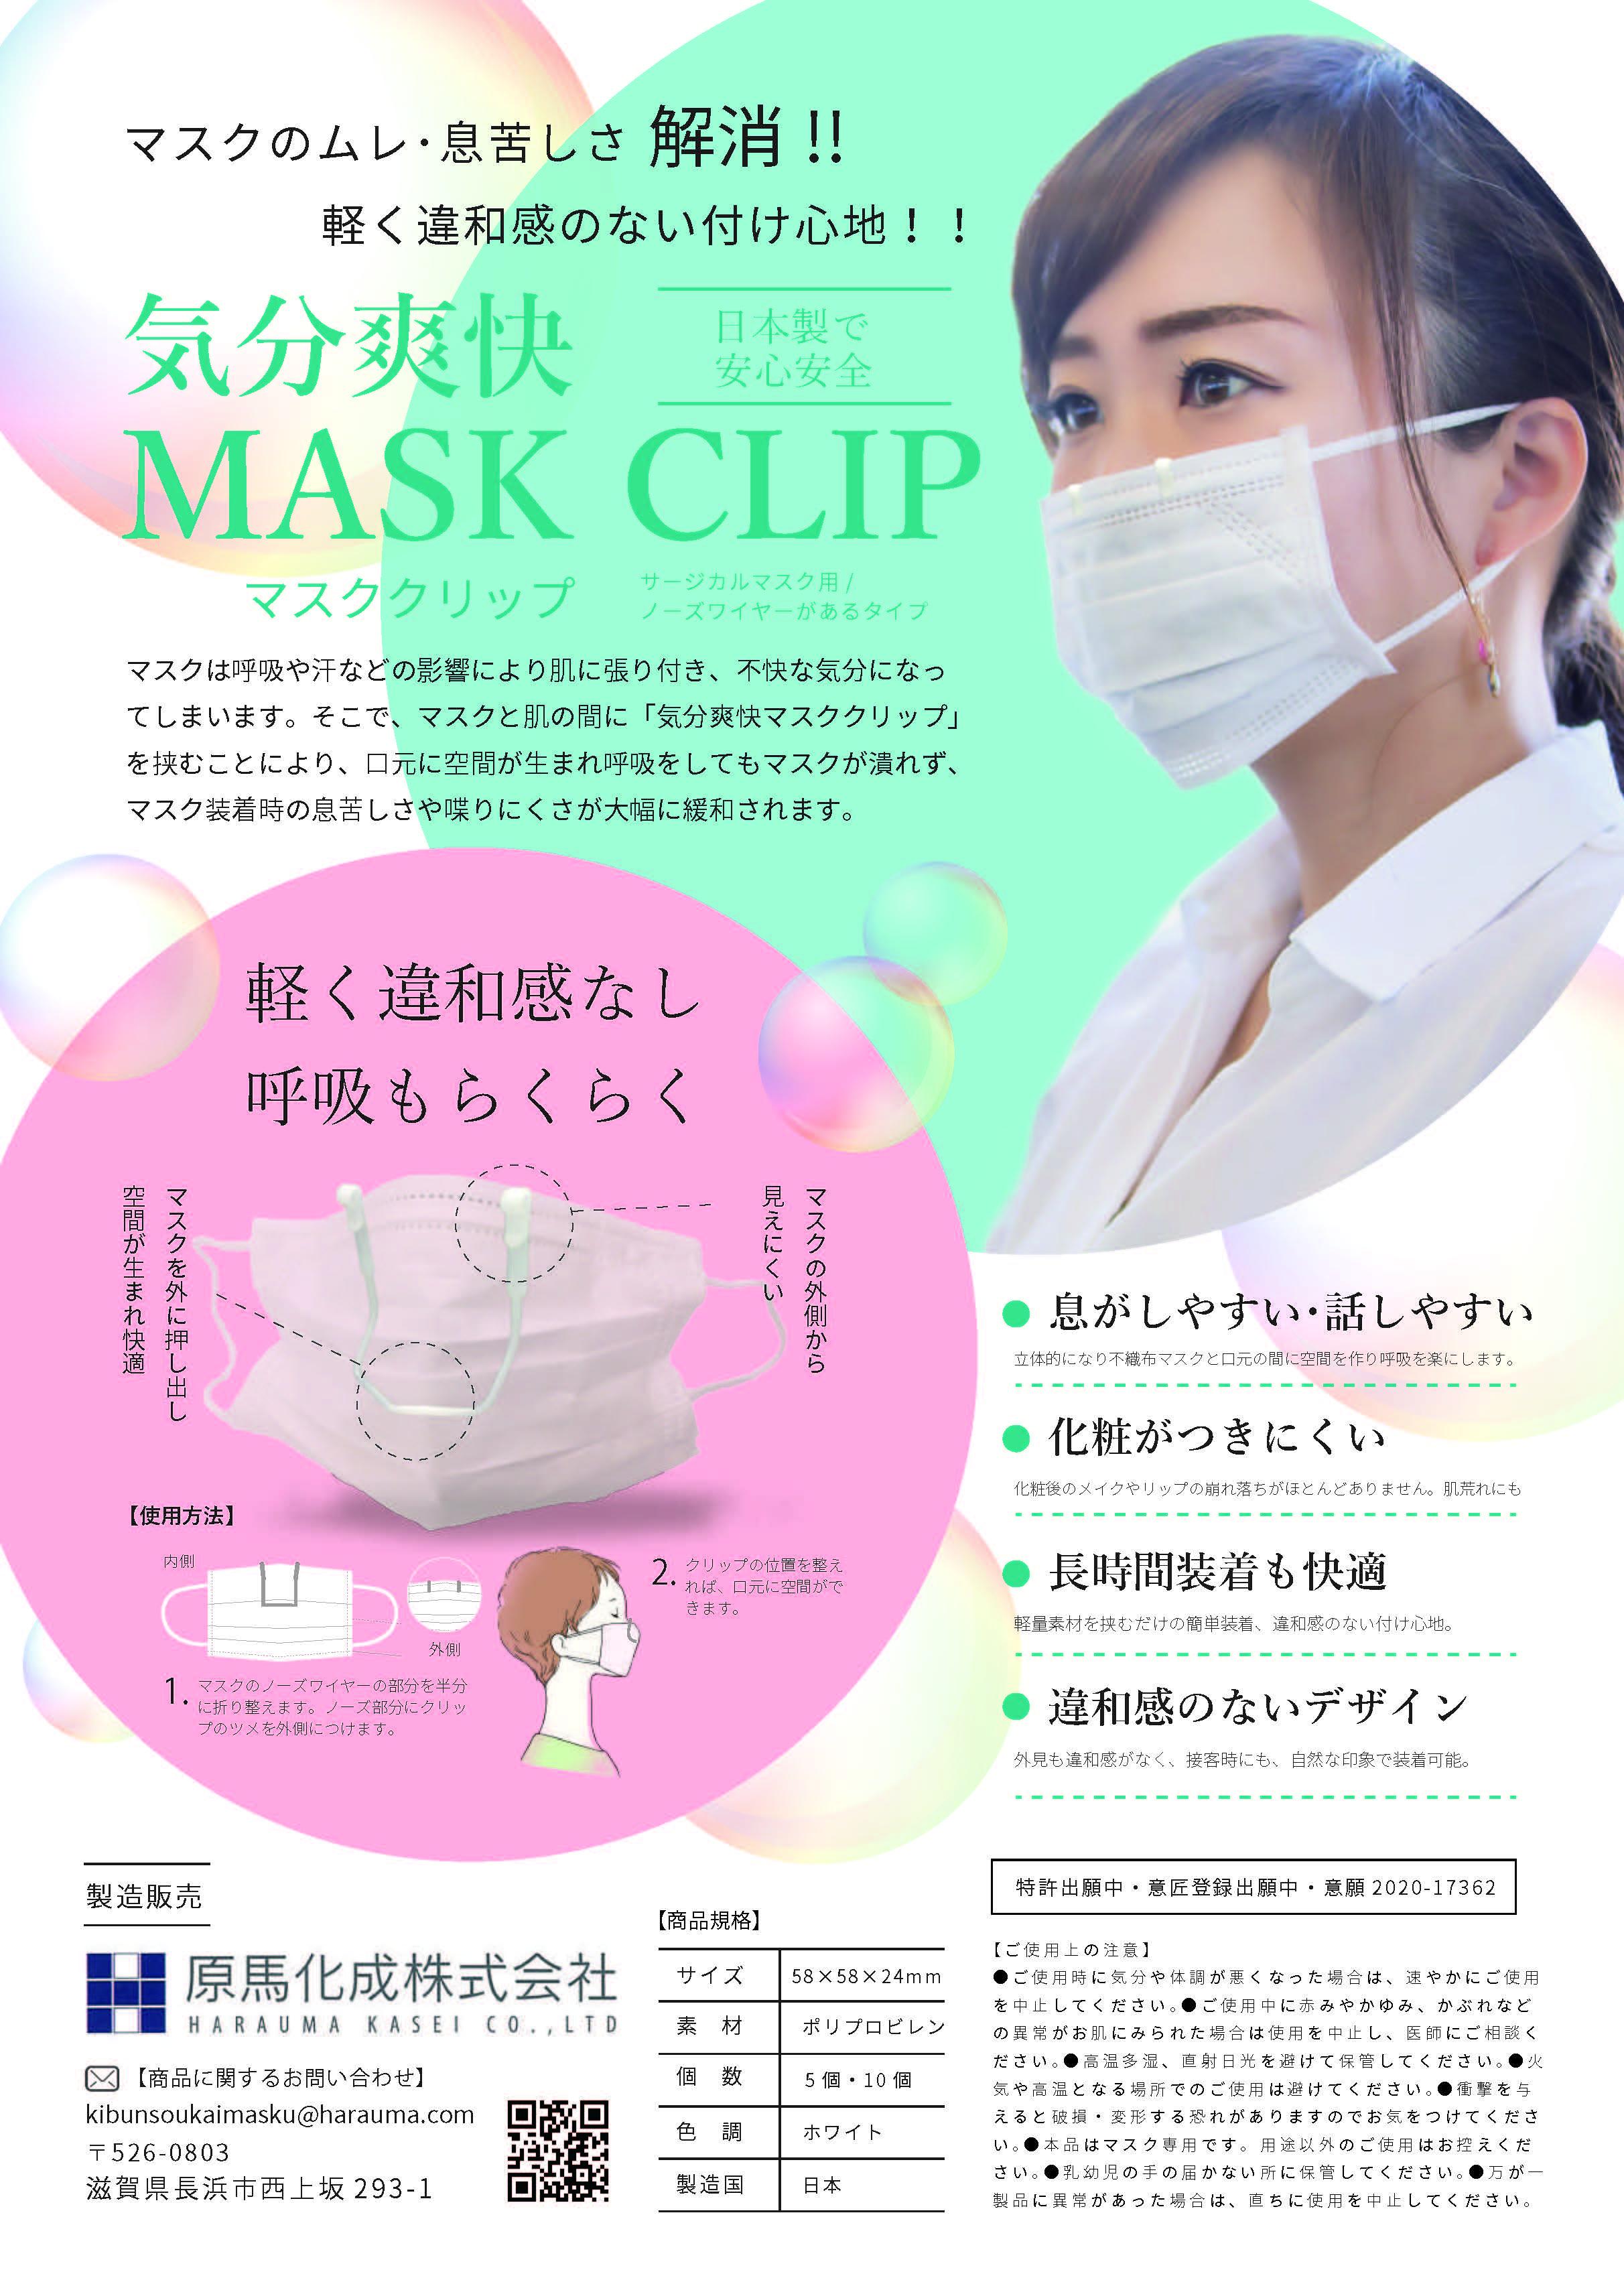 マスク 話し やすい